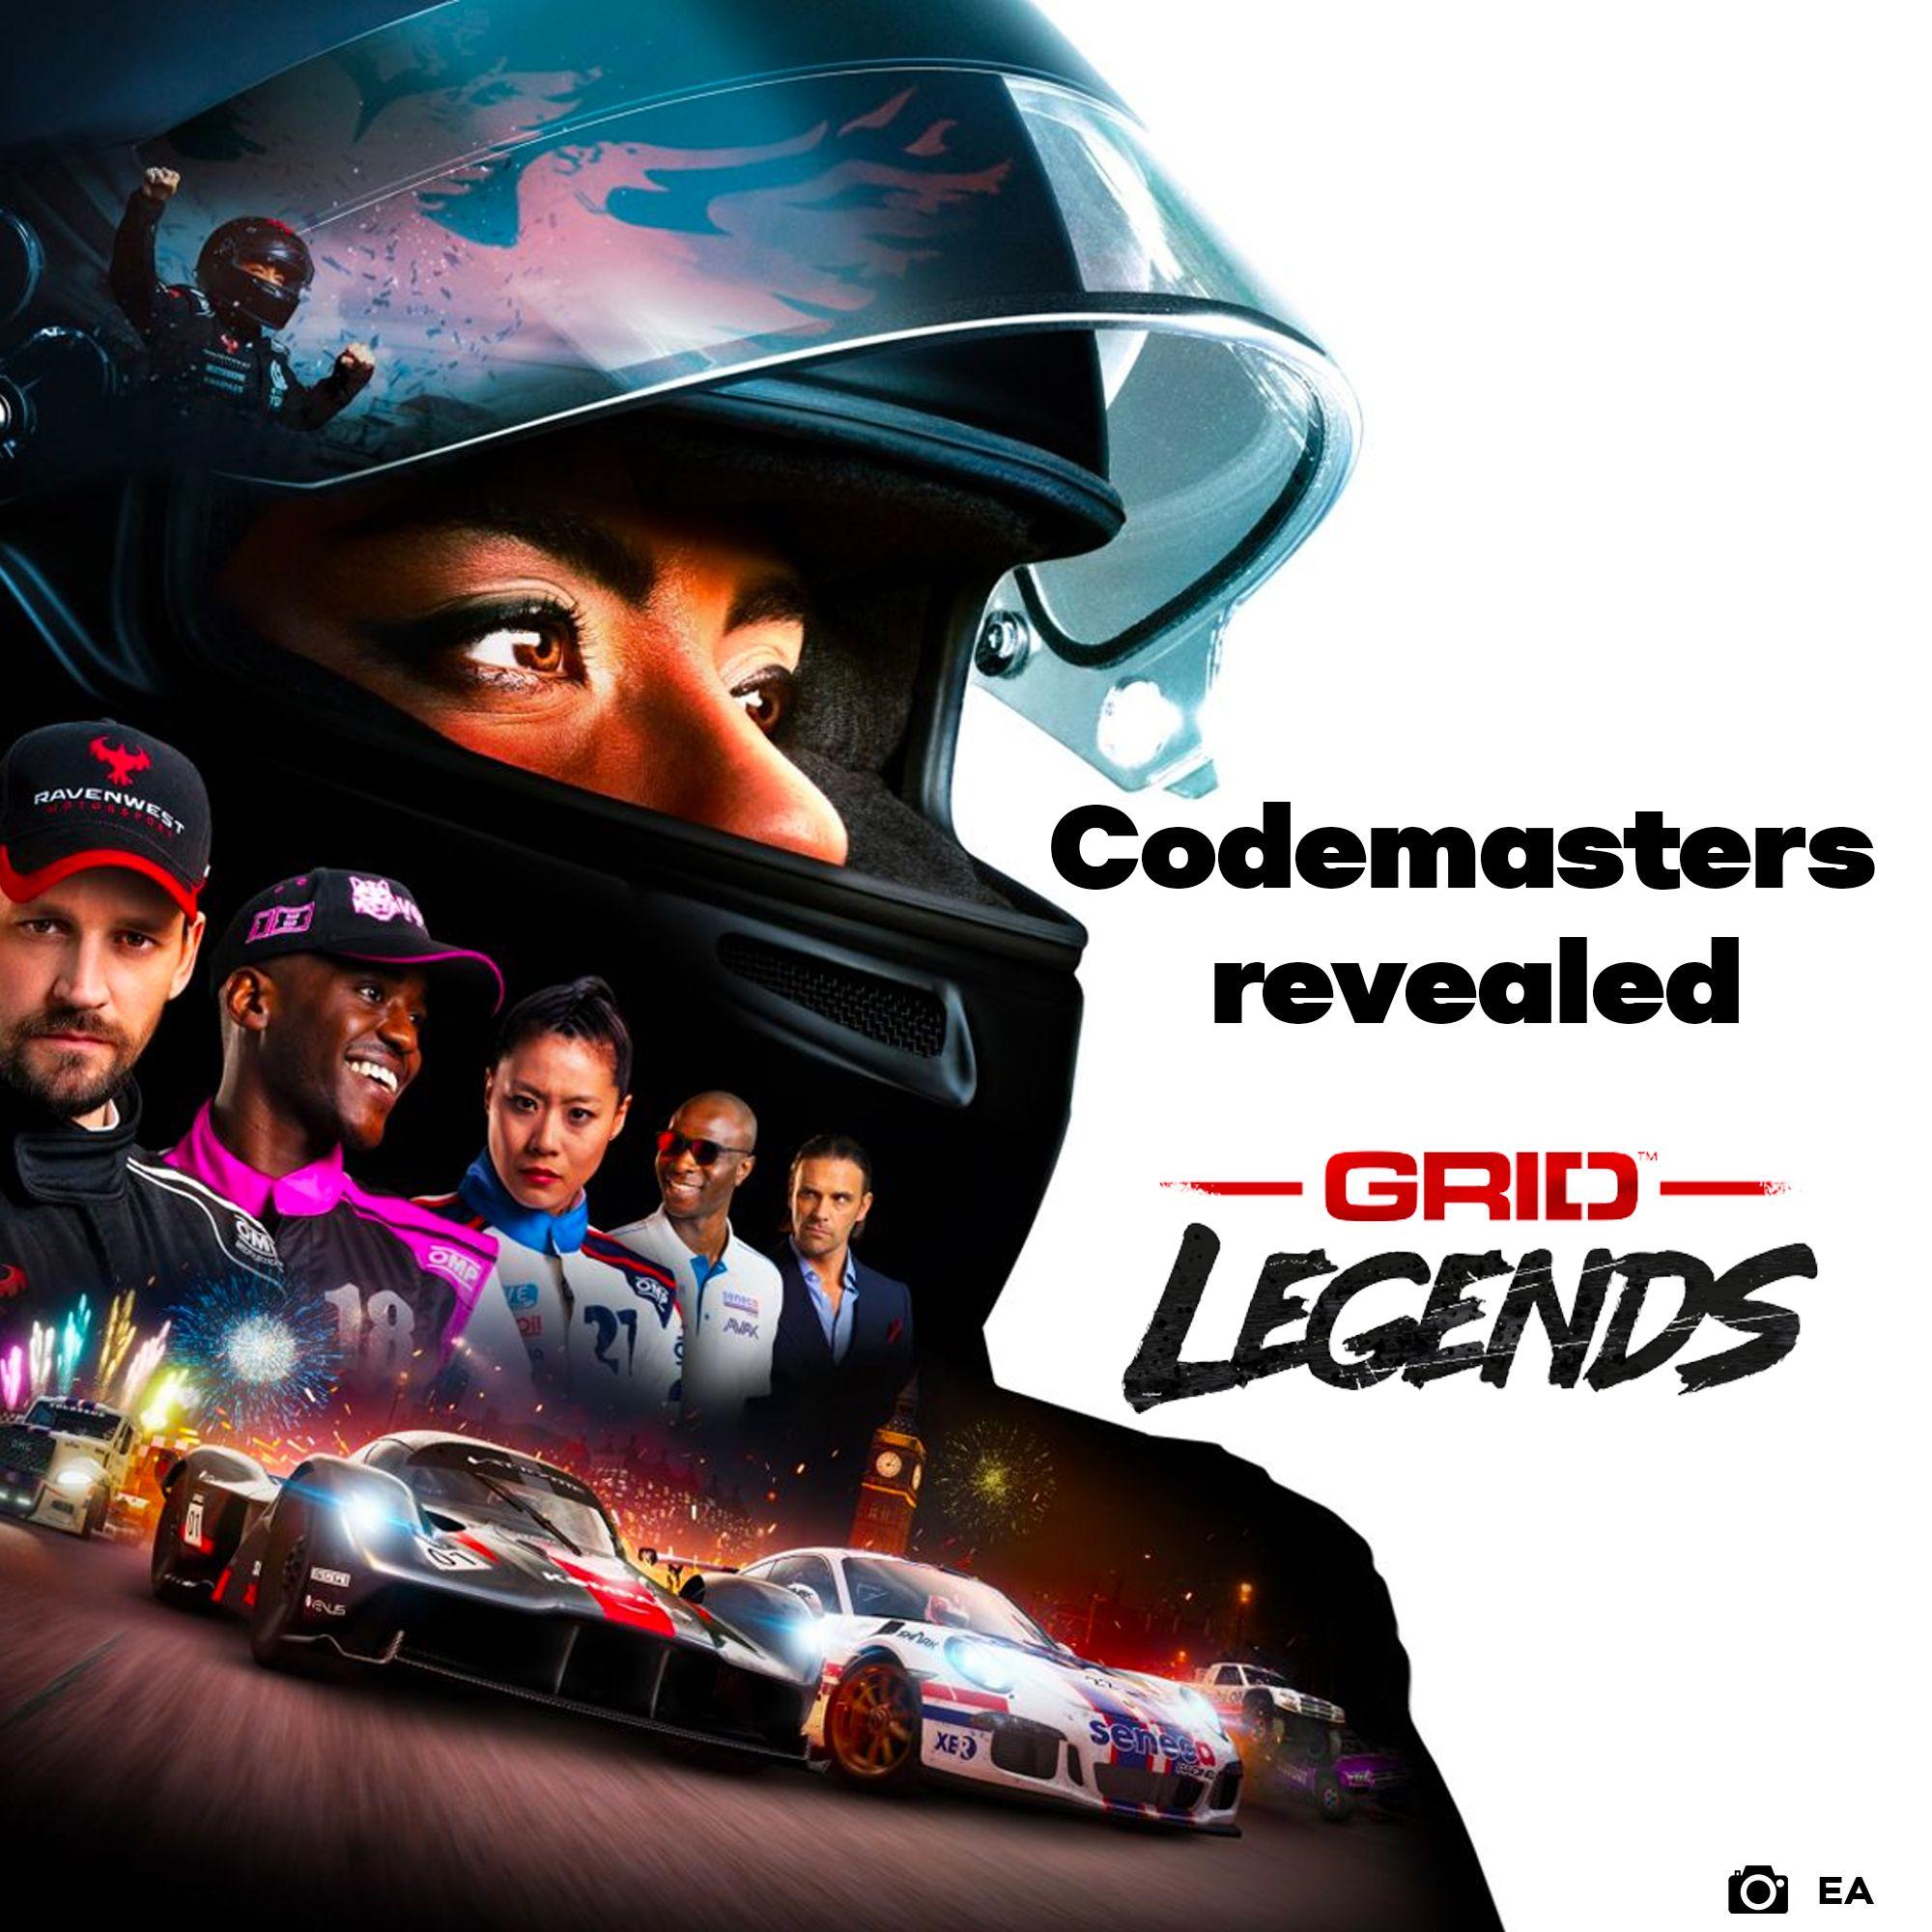 grid_legends-3